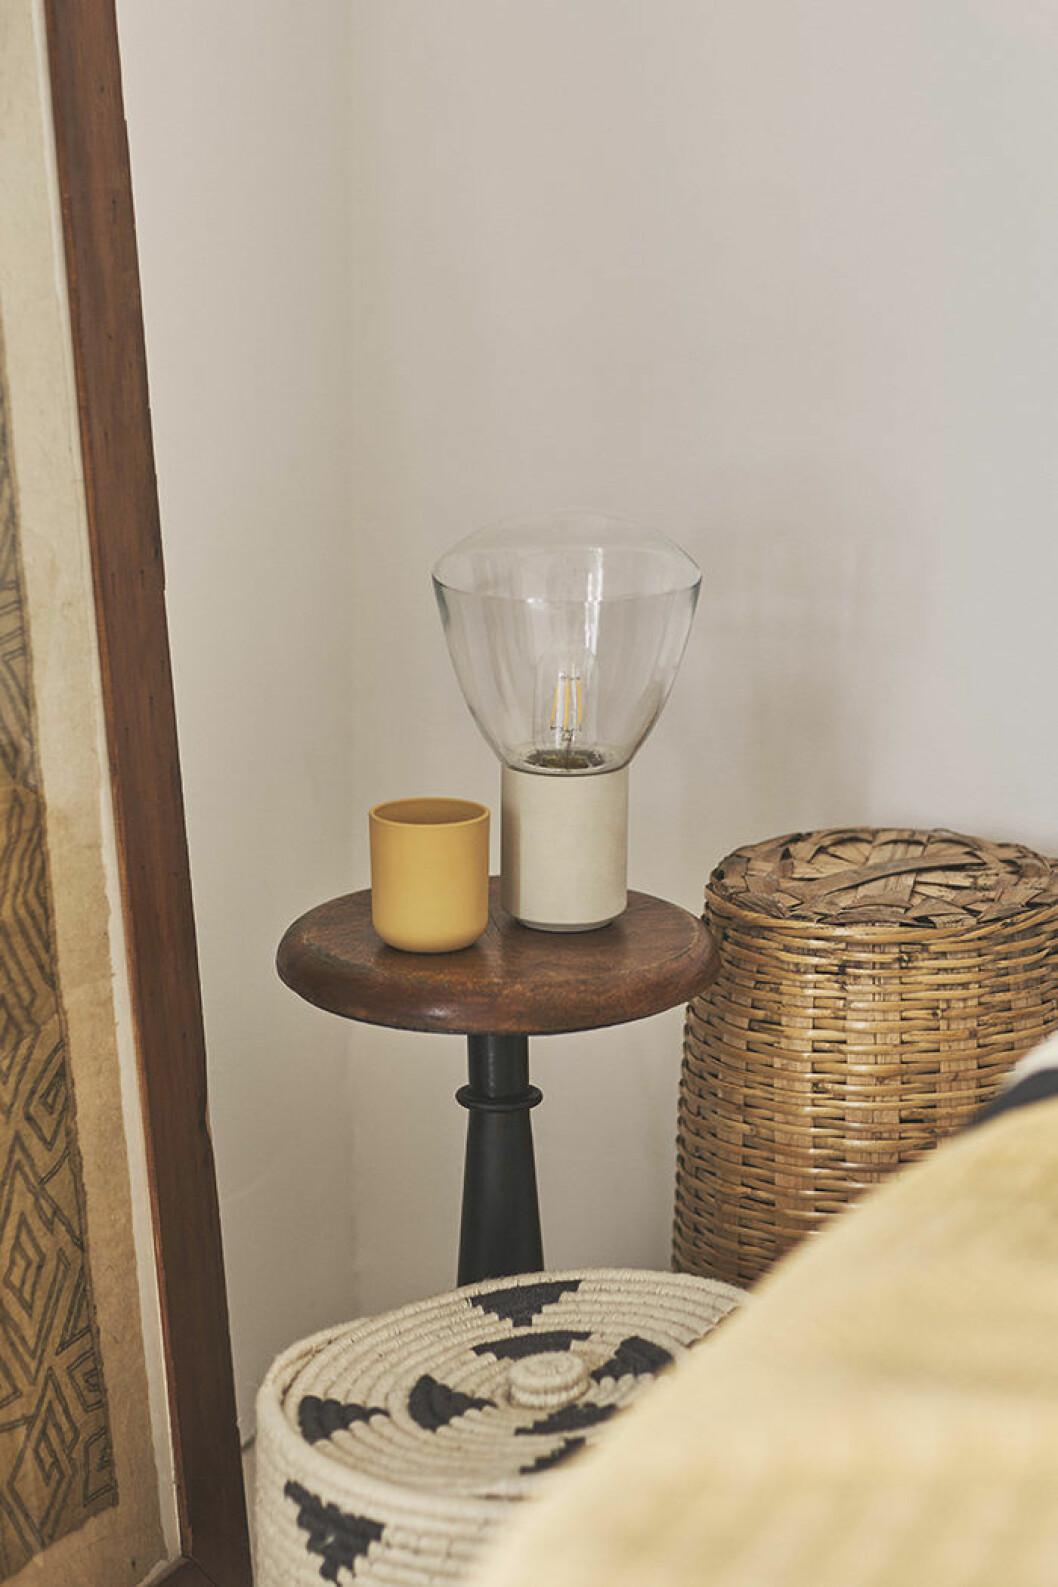 Lampa och förvaringskorgar från Zara Home